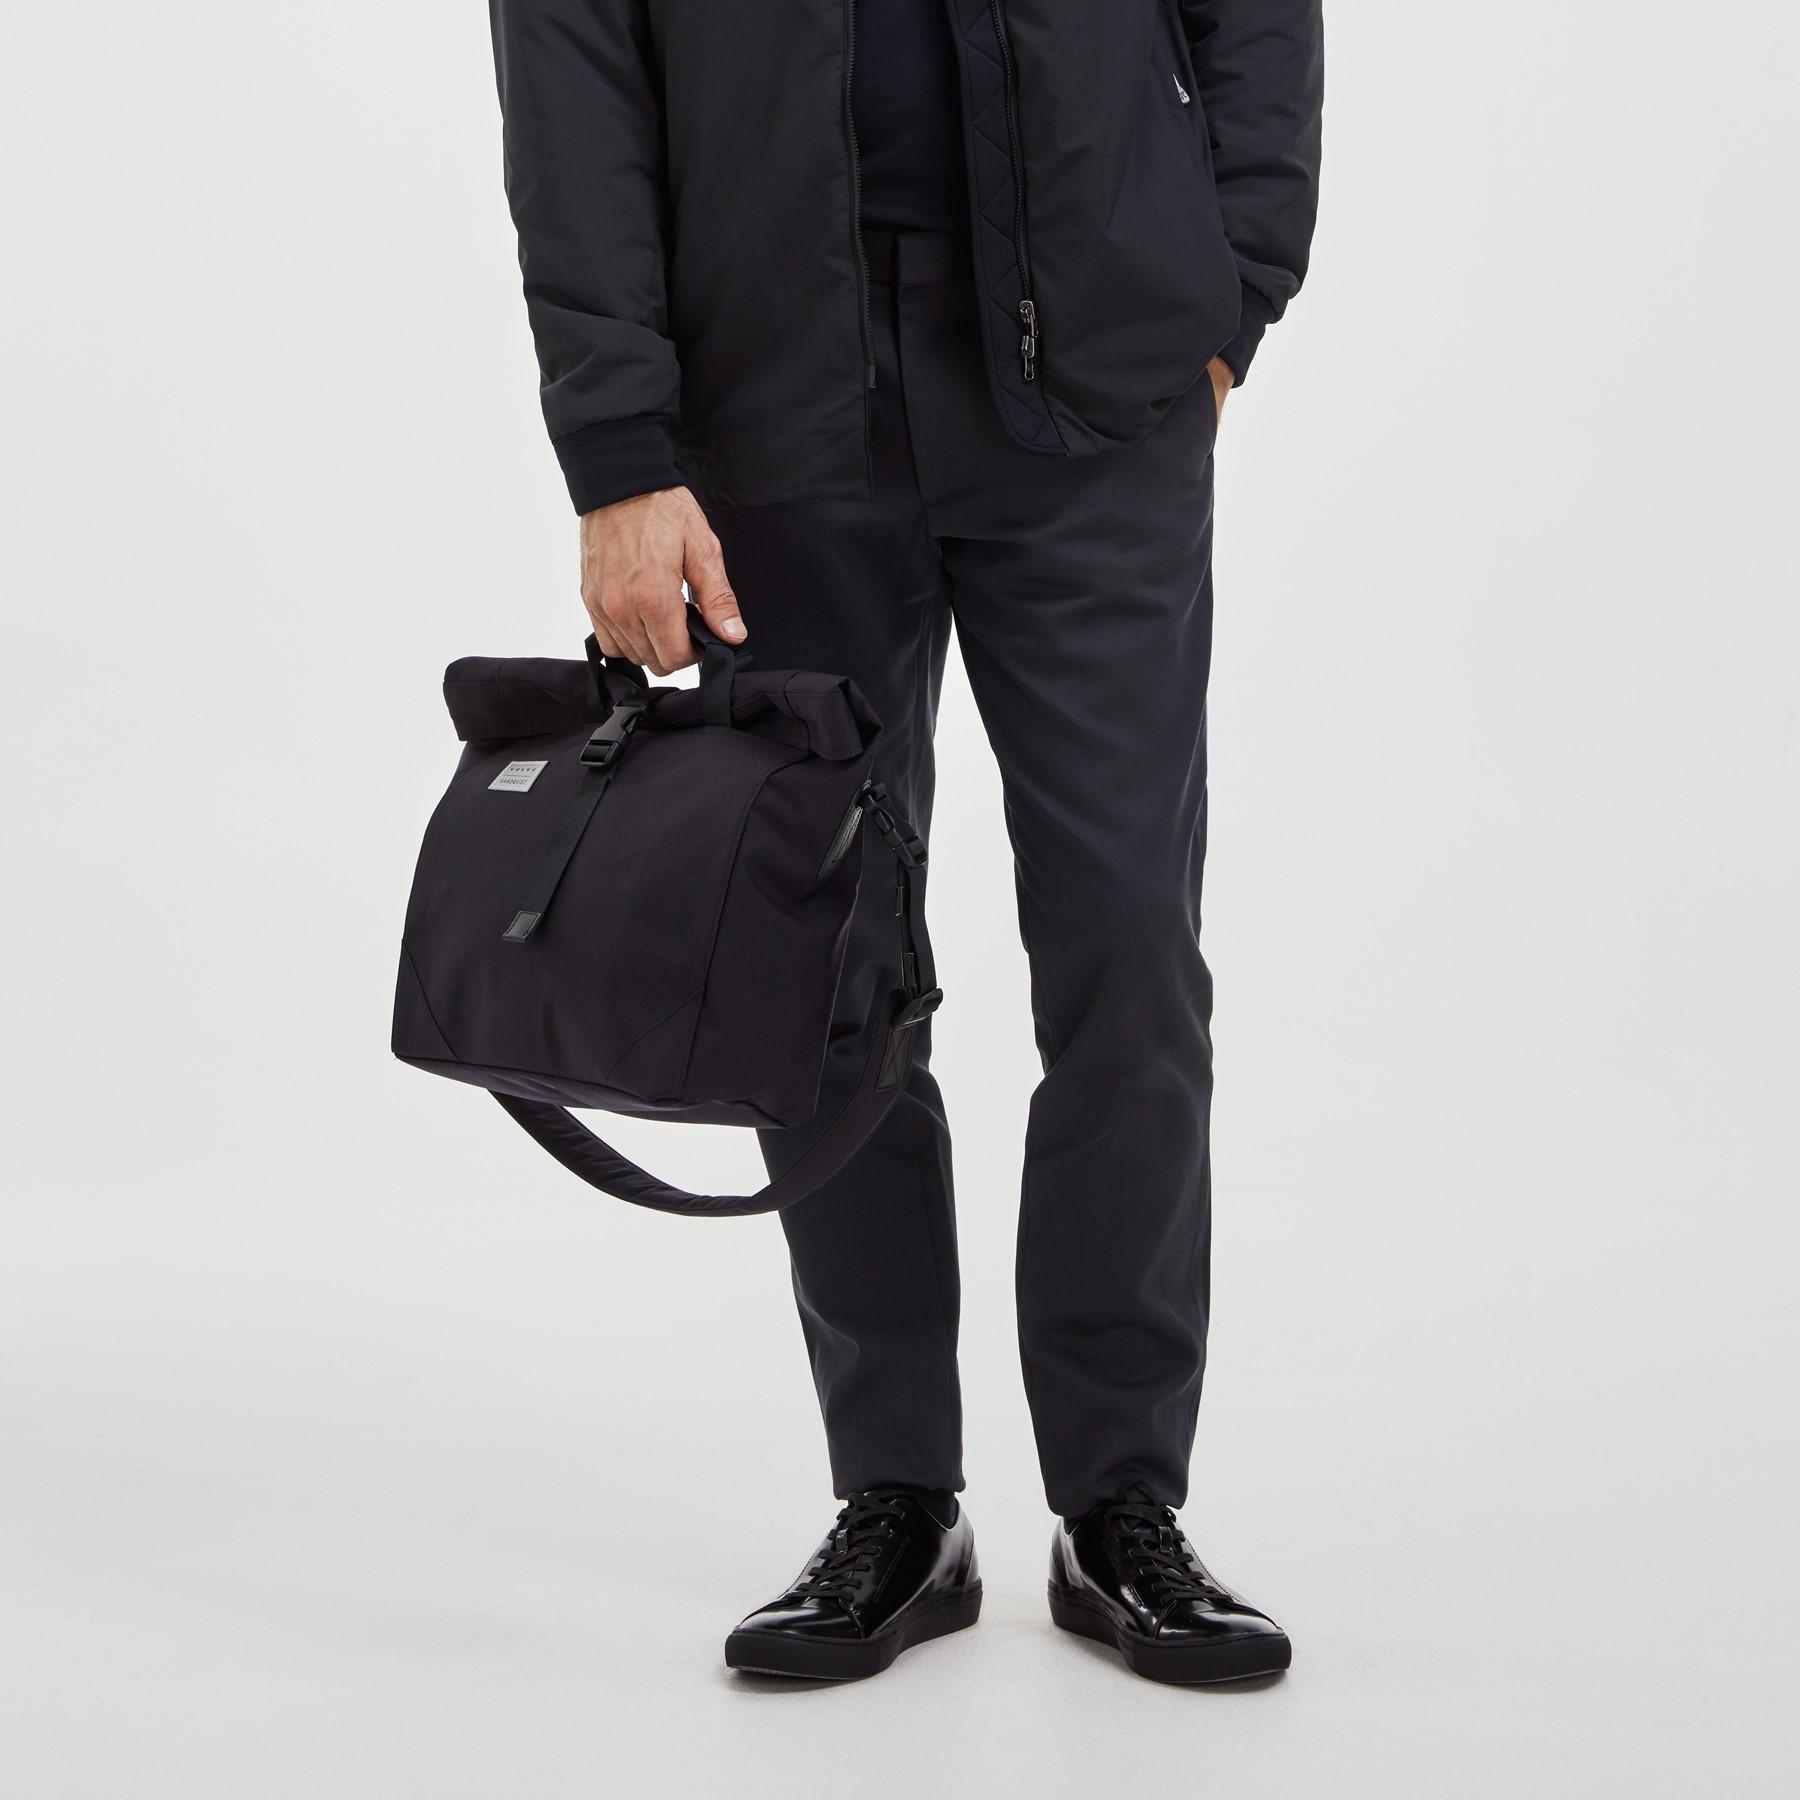 Volvo Car Lifestyle Collection Shop. Cordura Messenger Bag